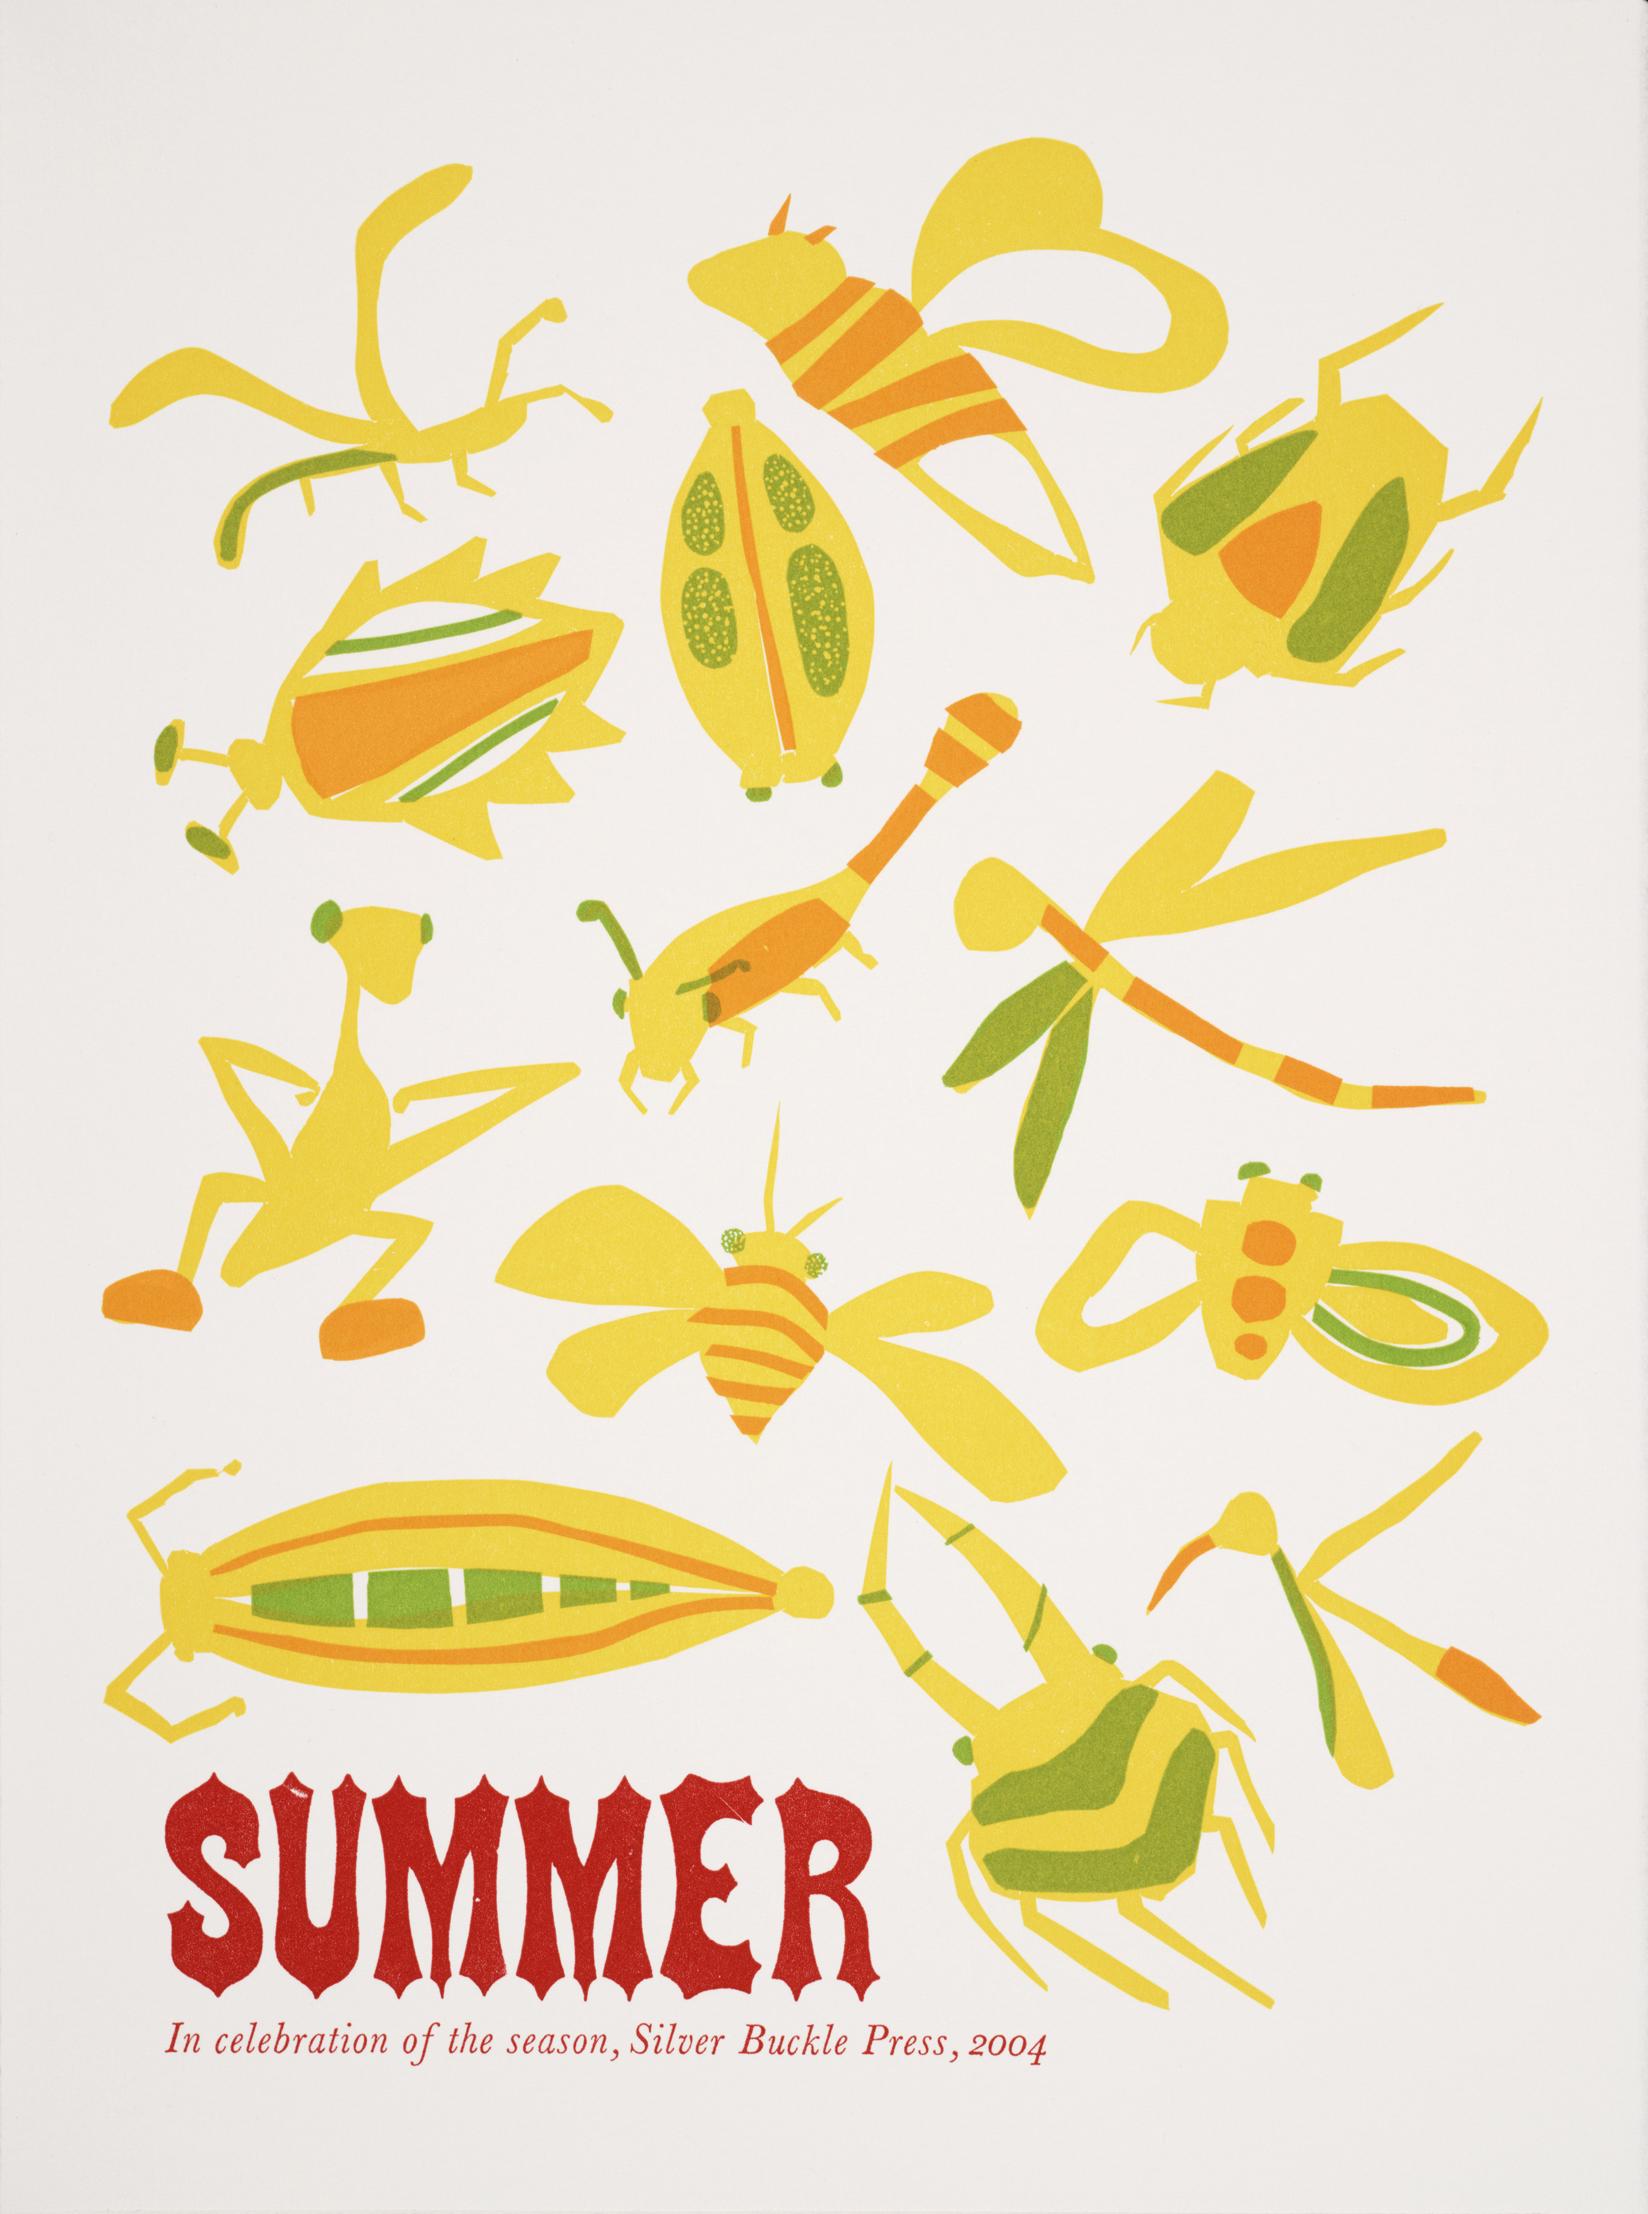 Summer-2004_L.jpg